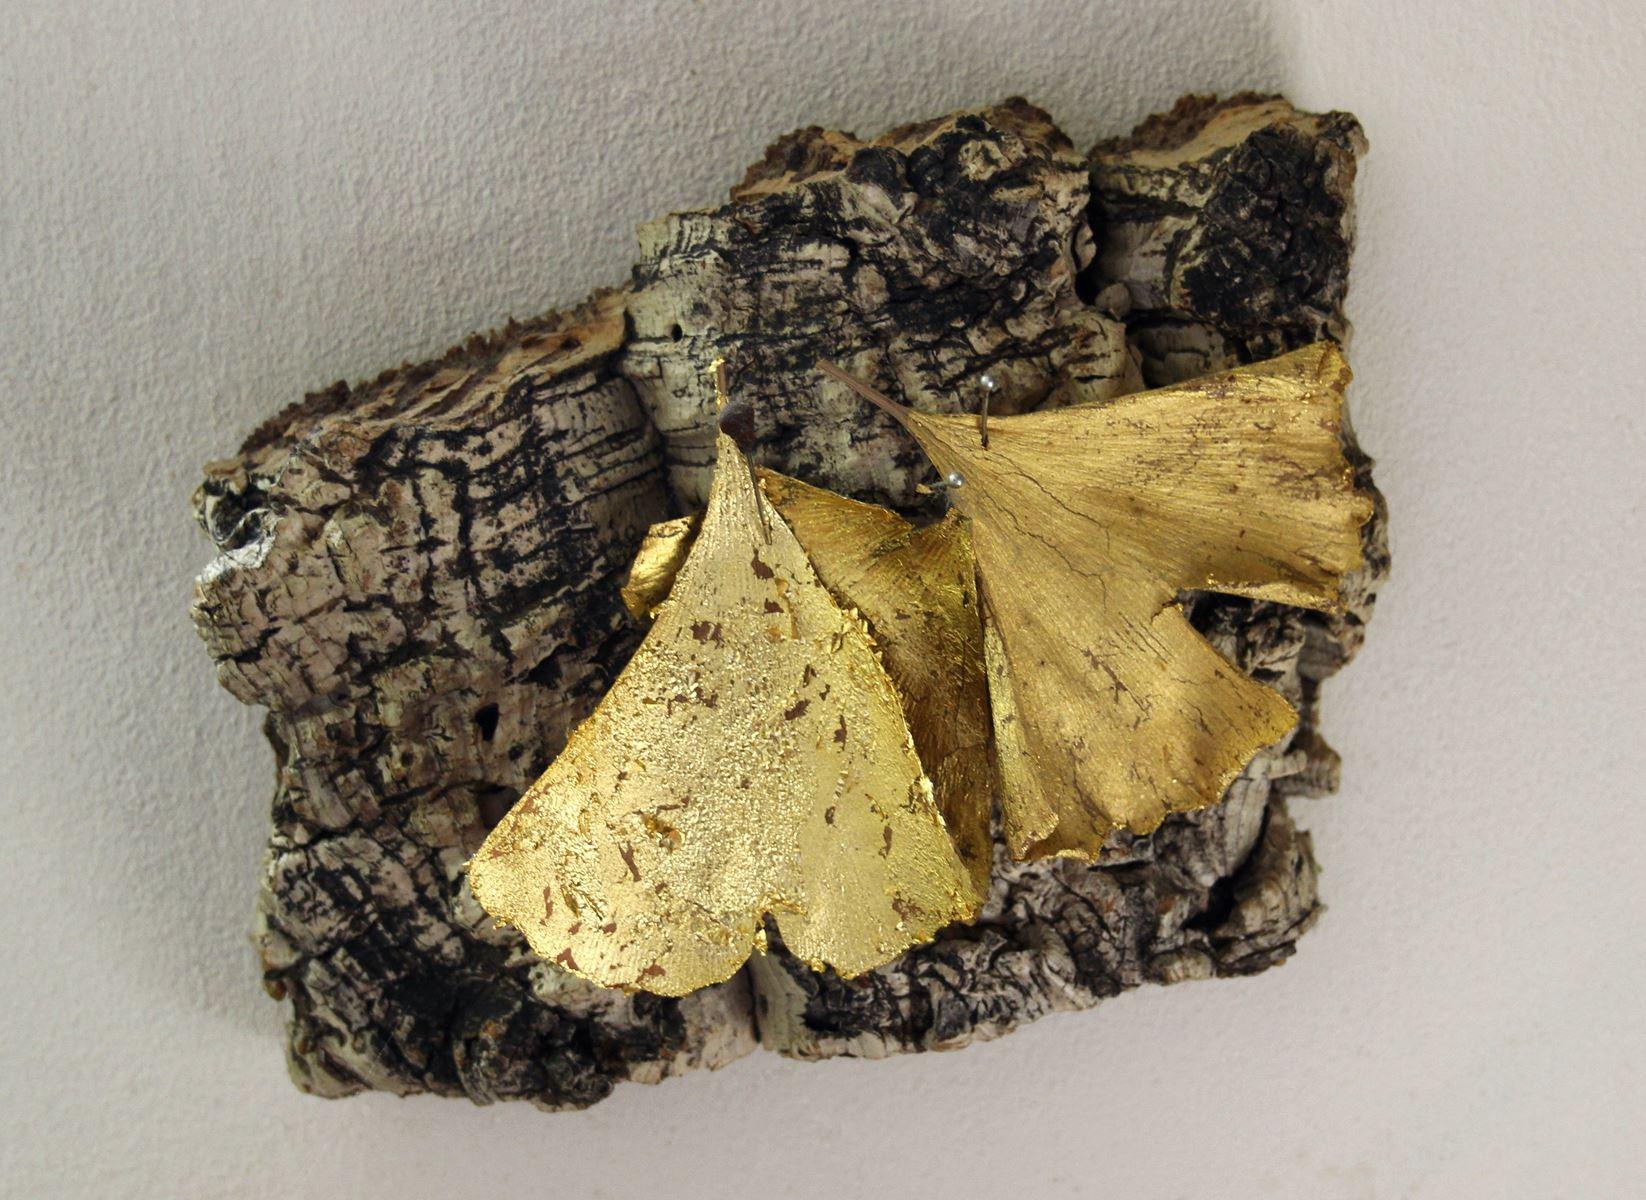 Fară titlu. Feuilles de gingko dorées à  l'or sur liège. 17 x 13 cm